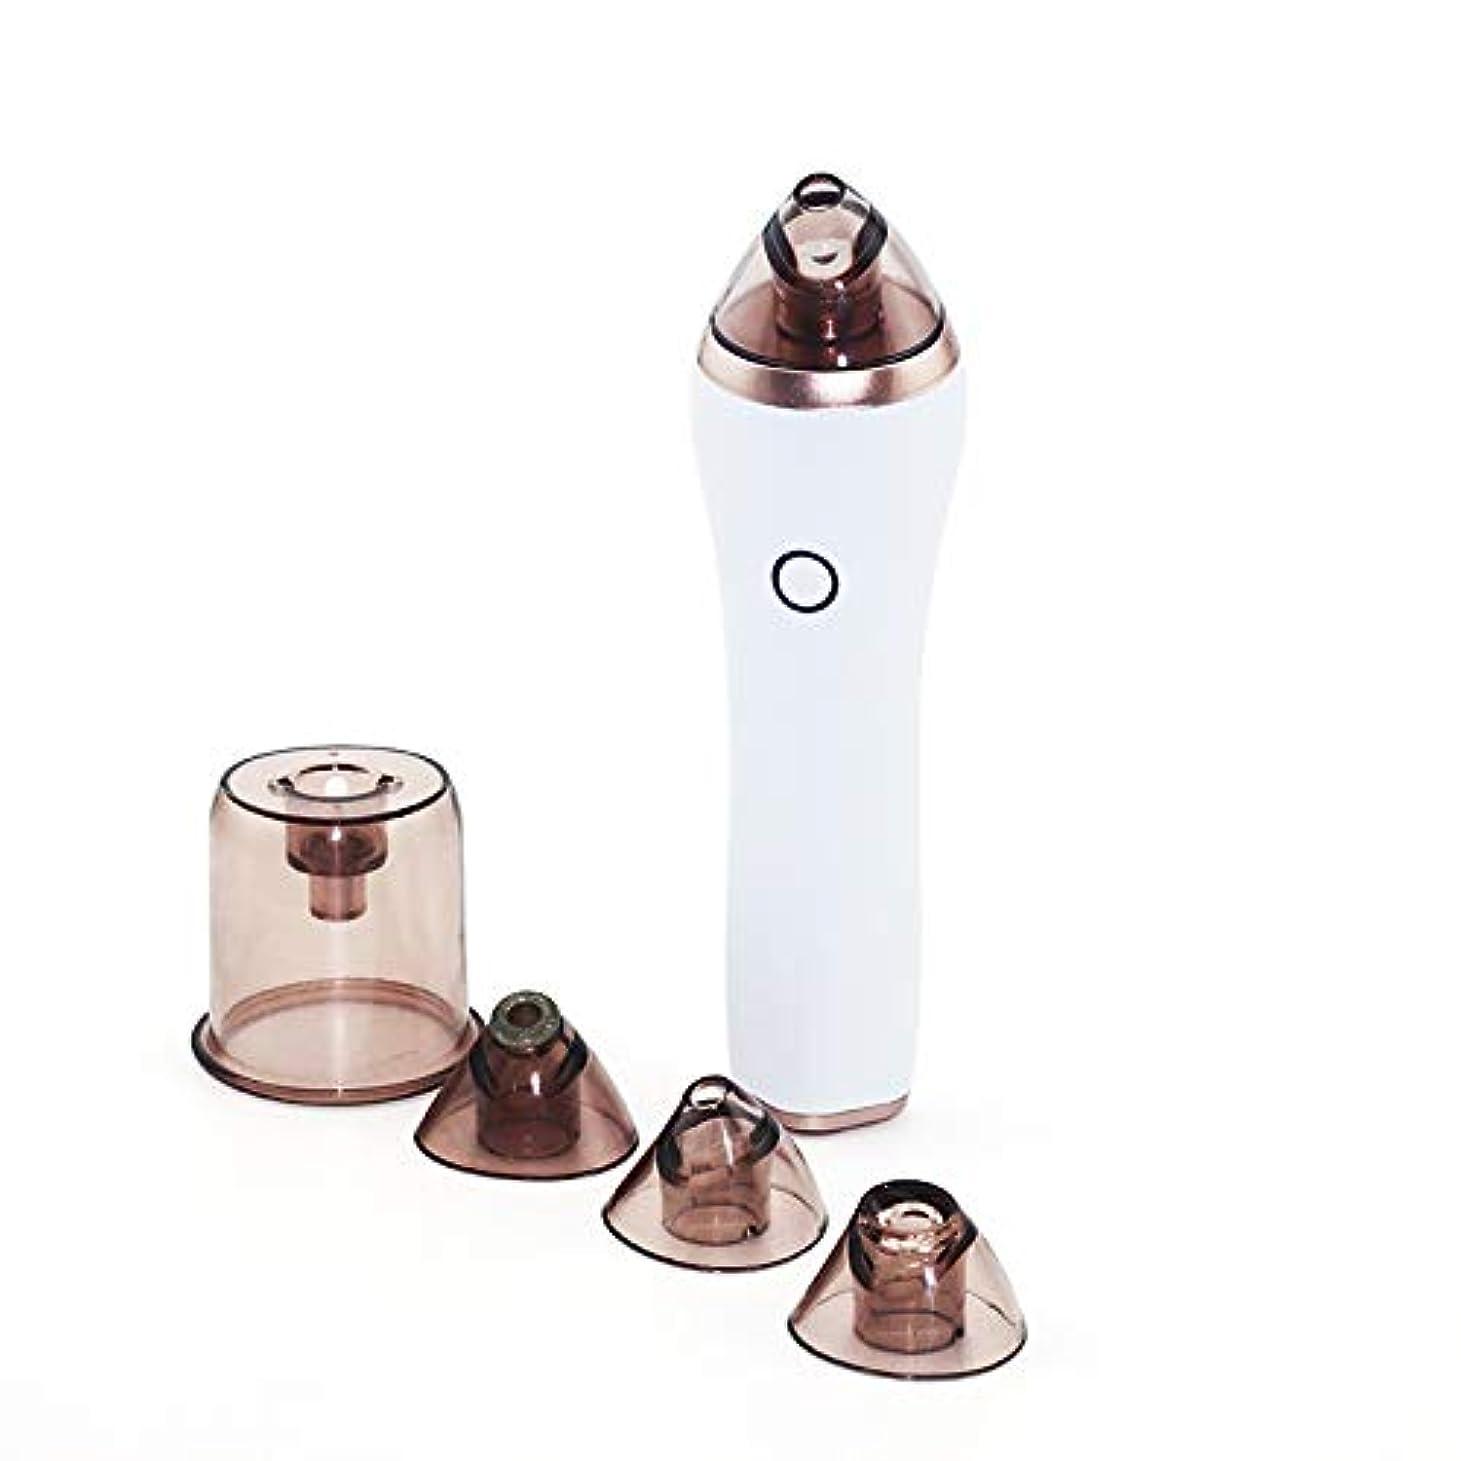 消毒する逃げる人形にきびの除去剤、毛穴の真空の電気にきびの真空の抽出器のきれいな用具 - Comedoの毛穴のExtracotrの美装置